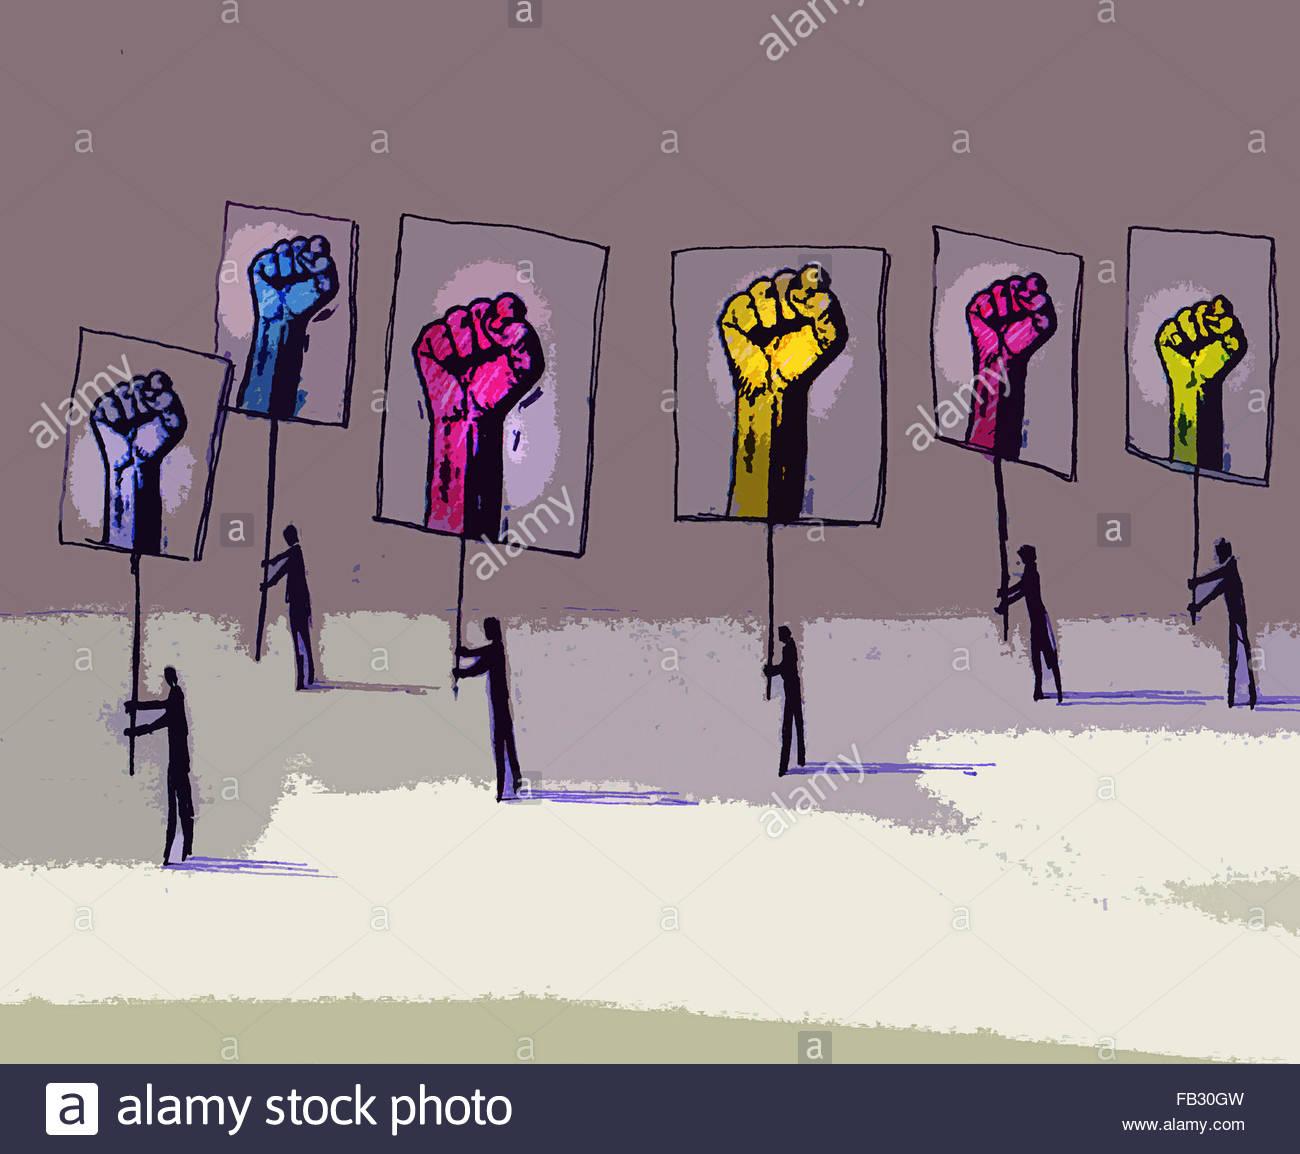 Los manifestantes llevaban carteles de puños cerrados Imagen De Stock